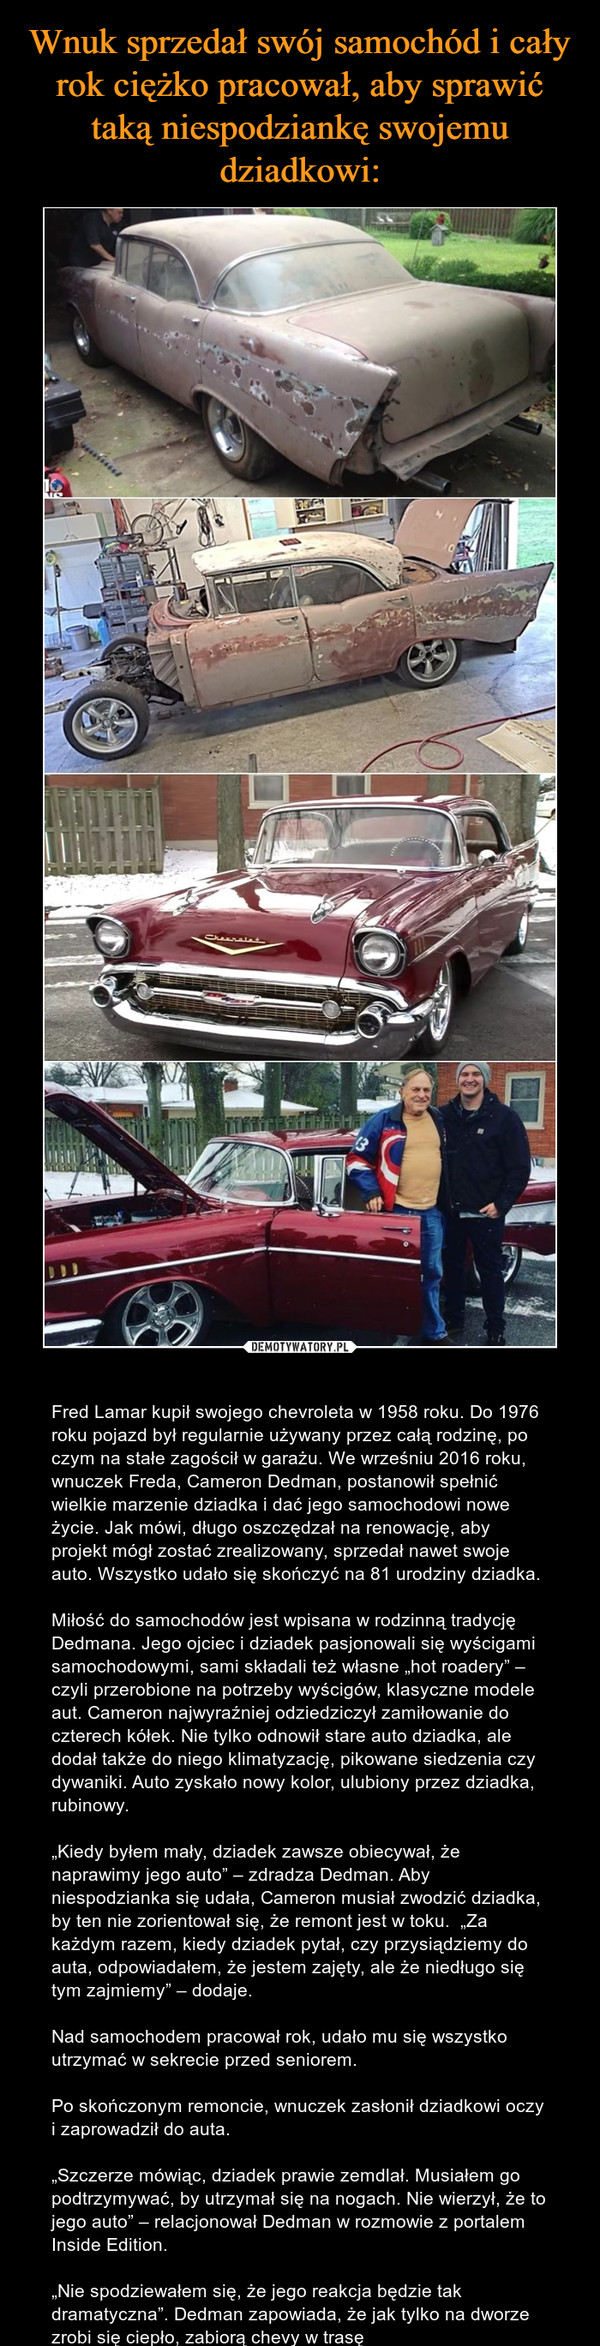 """– Fred Lamar kupił swojego chevroleta w 1958 roku. Do 1976 roku pojazd był regularnie używany przez całą rodzinę, po czym na stałe zagościł w garażu. We wrześniu 2016 roku, wnuczek Freda, Cameron Dedman, postanowił spełnić wielkie marzenie dziadka i dać jego samochodowi nowe życie. Jak mówi, długo oszczędzał na renowację, aby projekt mógł zostać zrealizowany, sprzedał nawet swoje auto. Wszystko udało się skończyć na 81 urodziny dziadka.Miłość do samochodów jest wpisana w rodzinną tradycję Dedmana. Jego ojciec i dziadek pasjonowali się wyścigami samochodowymi, sami składali też własne """"hot roadery"""" – czyli przerobione na potrzeby wyścigów, klasyczne modele aut. Cameron najwyraźniej odziedziczył zamiłowanie do czterech kółek. Nie tylko odnowił stare auto dziadka, ale dodał także do niego klimatyzację, pikowane siedzenia czy dywaniki. Auto zyskało nowy kolor, ulubiony przez dziadka, rubinowy.""""Kiedy byłem mały, dziadek zawsze obiecywał, że naprawimy jego auto"""" – zdradza Dedman. Aby niespodzianka się udała, Cameron musiał zwodzić dziadka, by ten nie zorientował się, że remont jest w toku.  """"Za każdym razem, kiedy dziadek pytał, czy przysiądziemy do auta, odpowiadałem, że jestem zajęty, ale że niedługo się tym zajmiemy"""" – dodaje.Nad samochodem pracował rok, udało mu się wszystko utrzymać w sekrecie przed seniorem.Po skończonym remoncie, wnuczek zasłonił dziadkowi oczy i zaprowadził do auta.""""Szczerze mówiąc, dziadek prawie zemdlał. Musiałem go podtrzymywać, by utrzymał się na nogach. Nie wierzył, że to jego auto"""" – relacjonował Dedman w rozmowie z portalem Inside Edition.""""Nie spodziewałem się, że jego reakcja będzie tak dramatyczna"""". Dedman zapowiada, że jak tylko na dworze zrobi się ciepło, zabiorą chevy w trasę"""